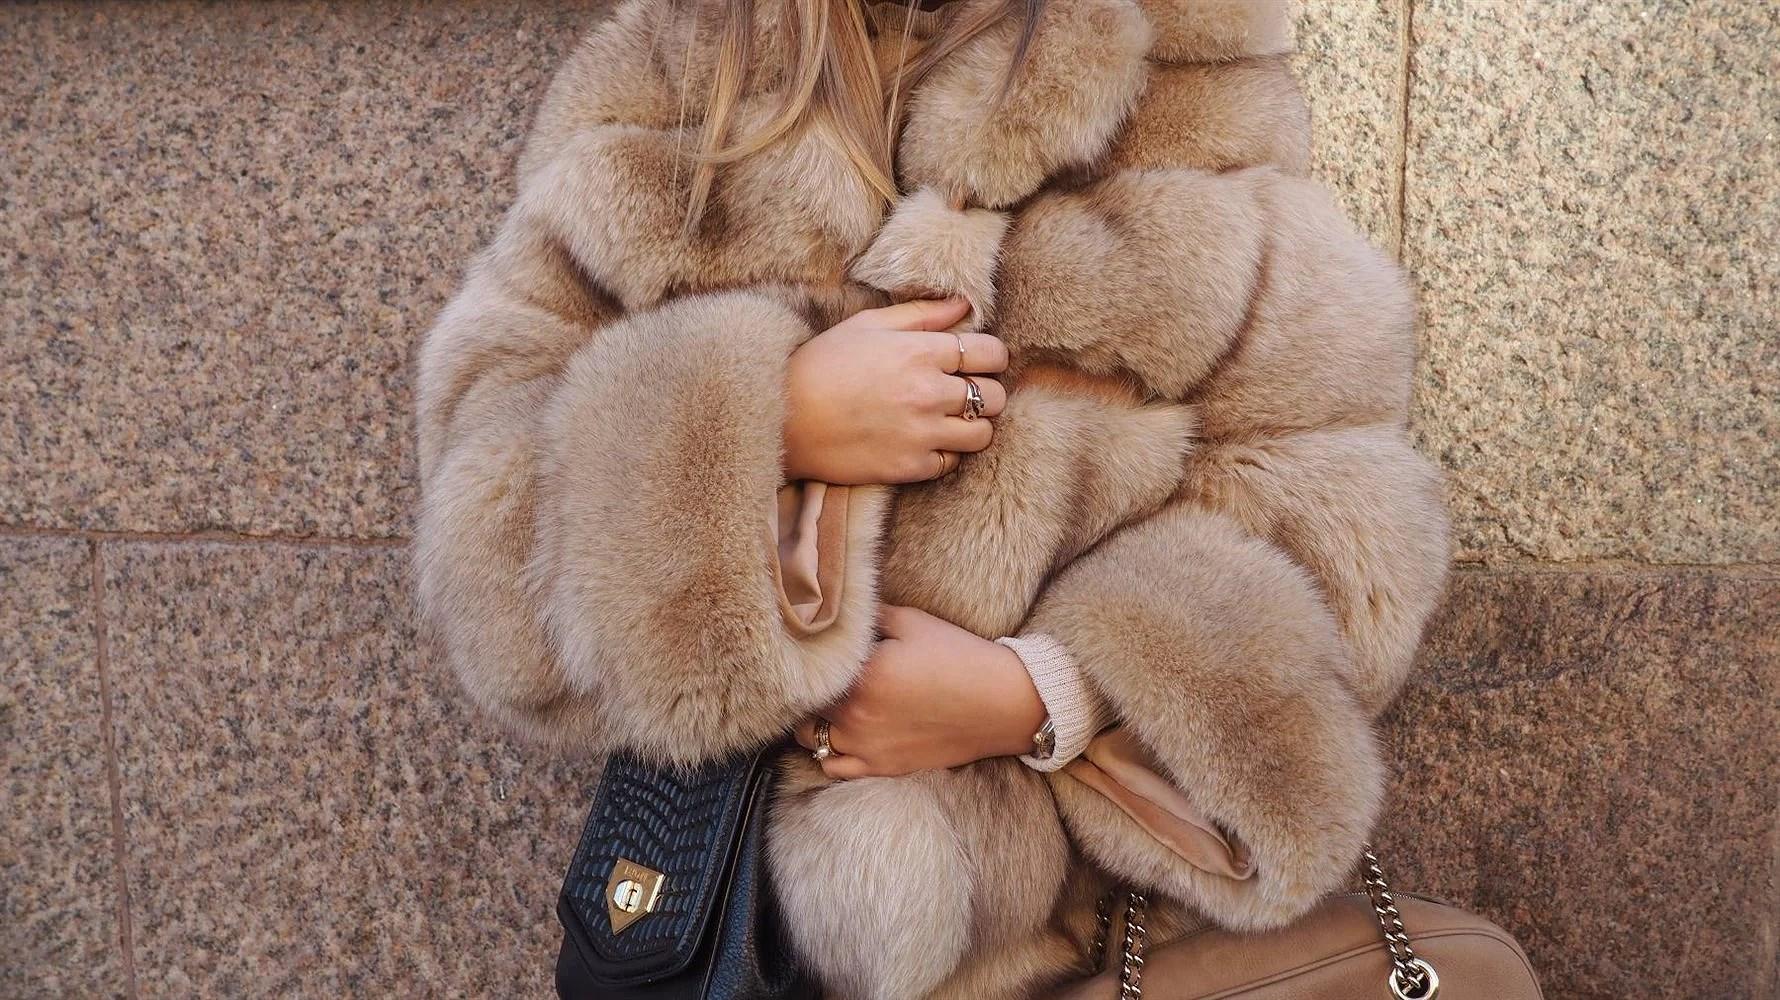 Fur love!